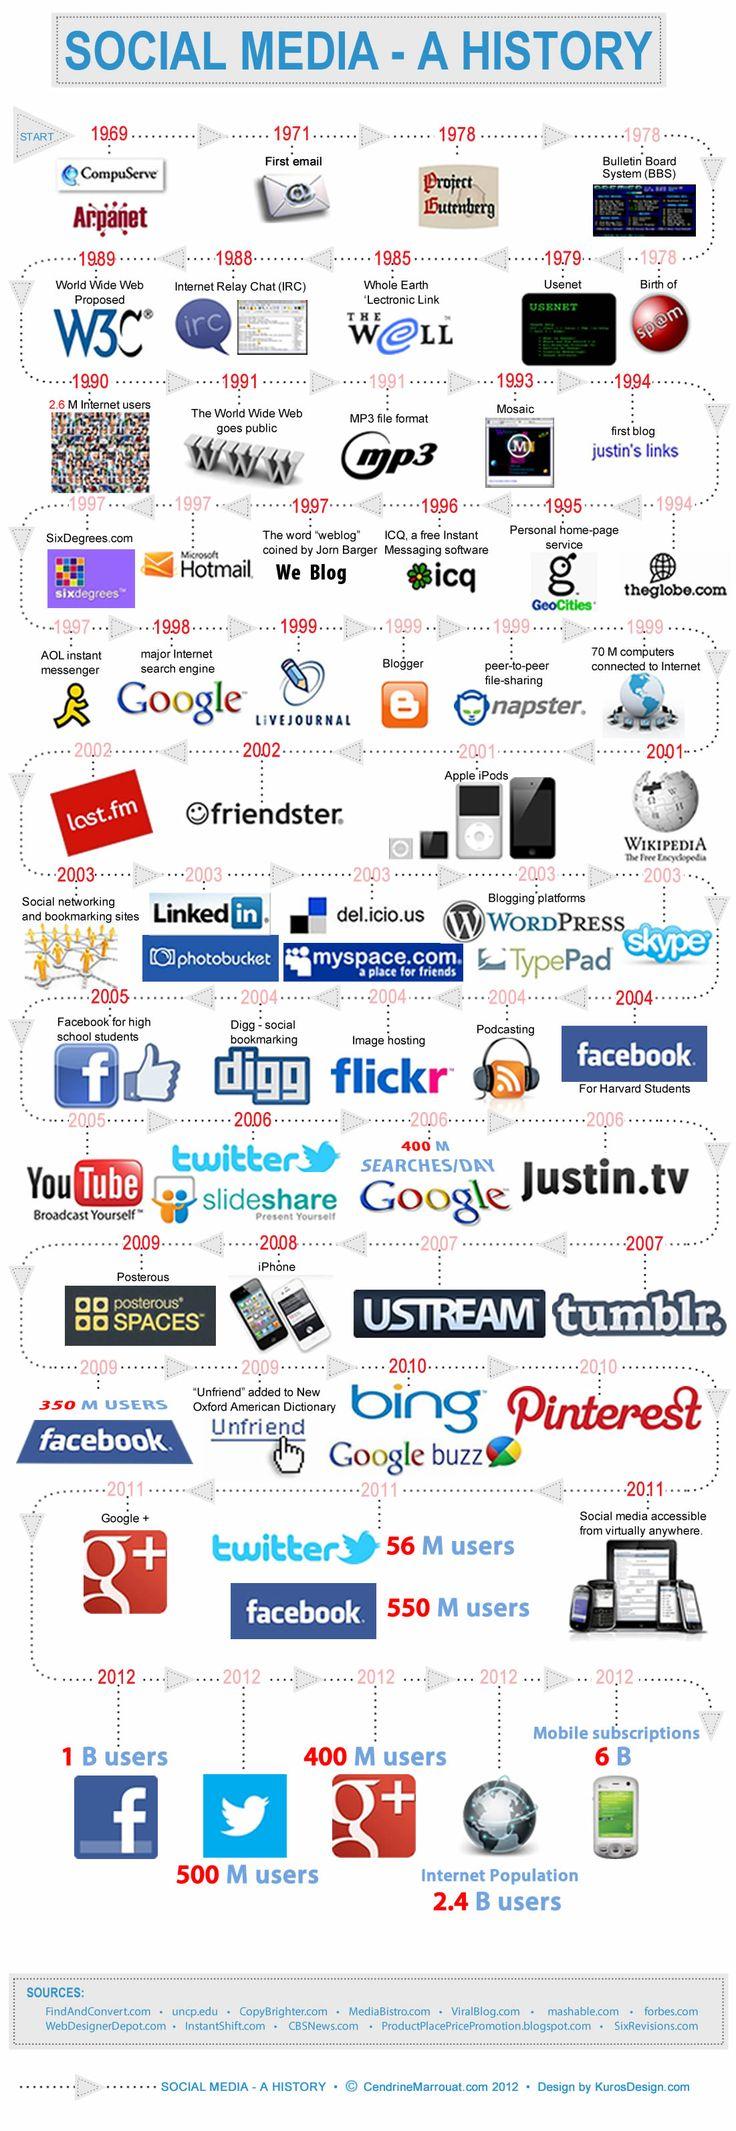 Historia de las redes sociales - #infografia / Social Media History - #infographic